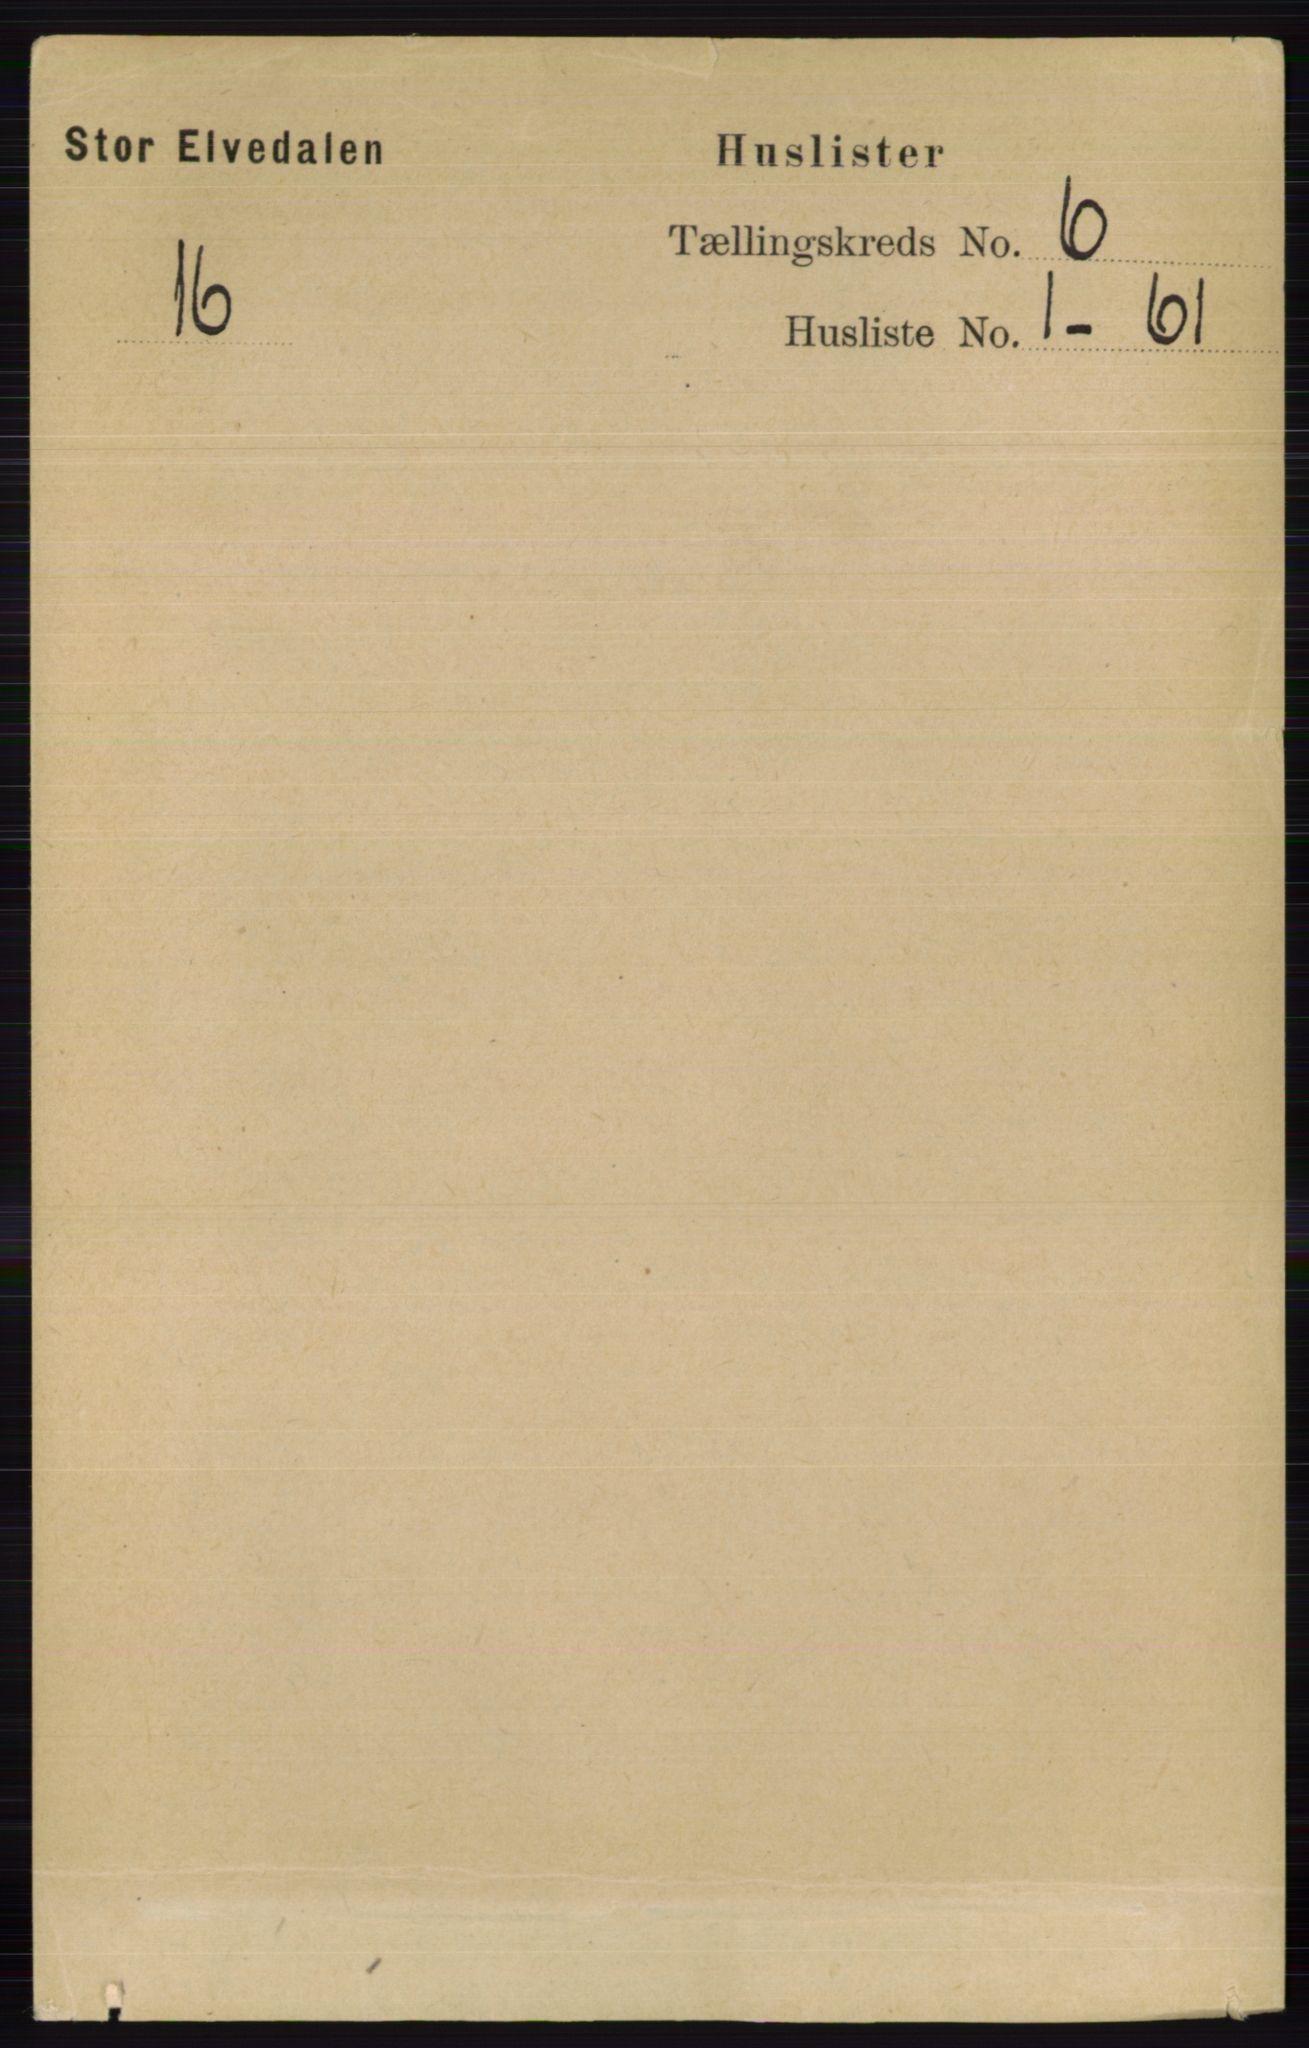 RA, Folketelling 1891 for 0430 Stor-Elvdal herred, 1891, s. 2037